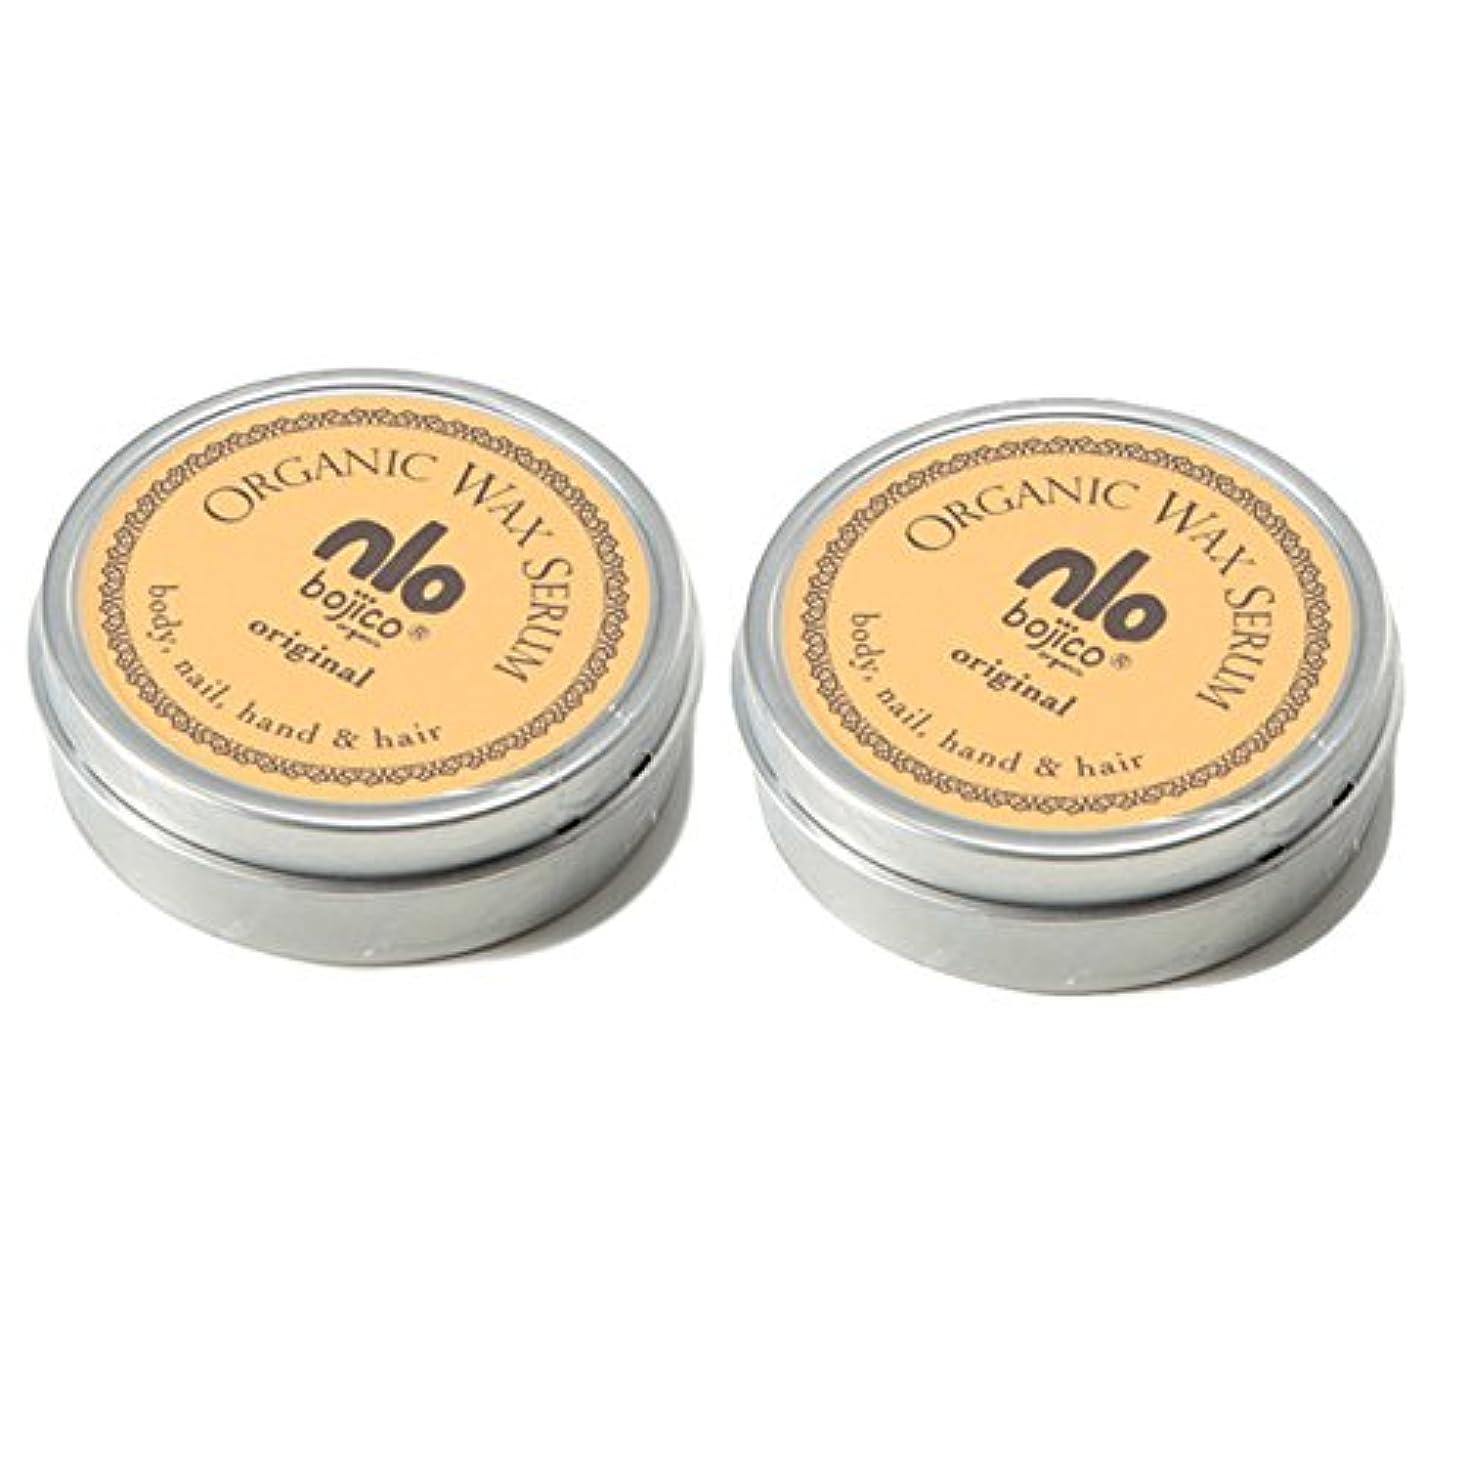 ドロップスラム特派員【40g×2個セット】 ボジコ オーガニック ワックス セラム<オリジナル> bojico Organic Wax Serum 40g×2